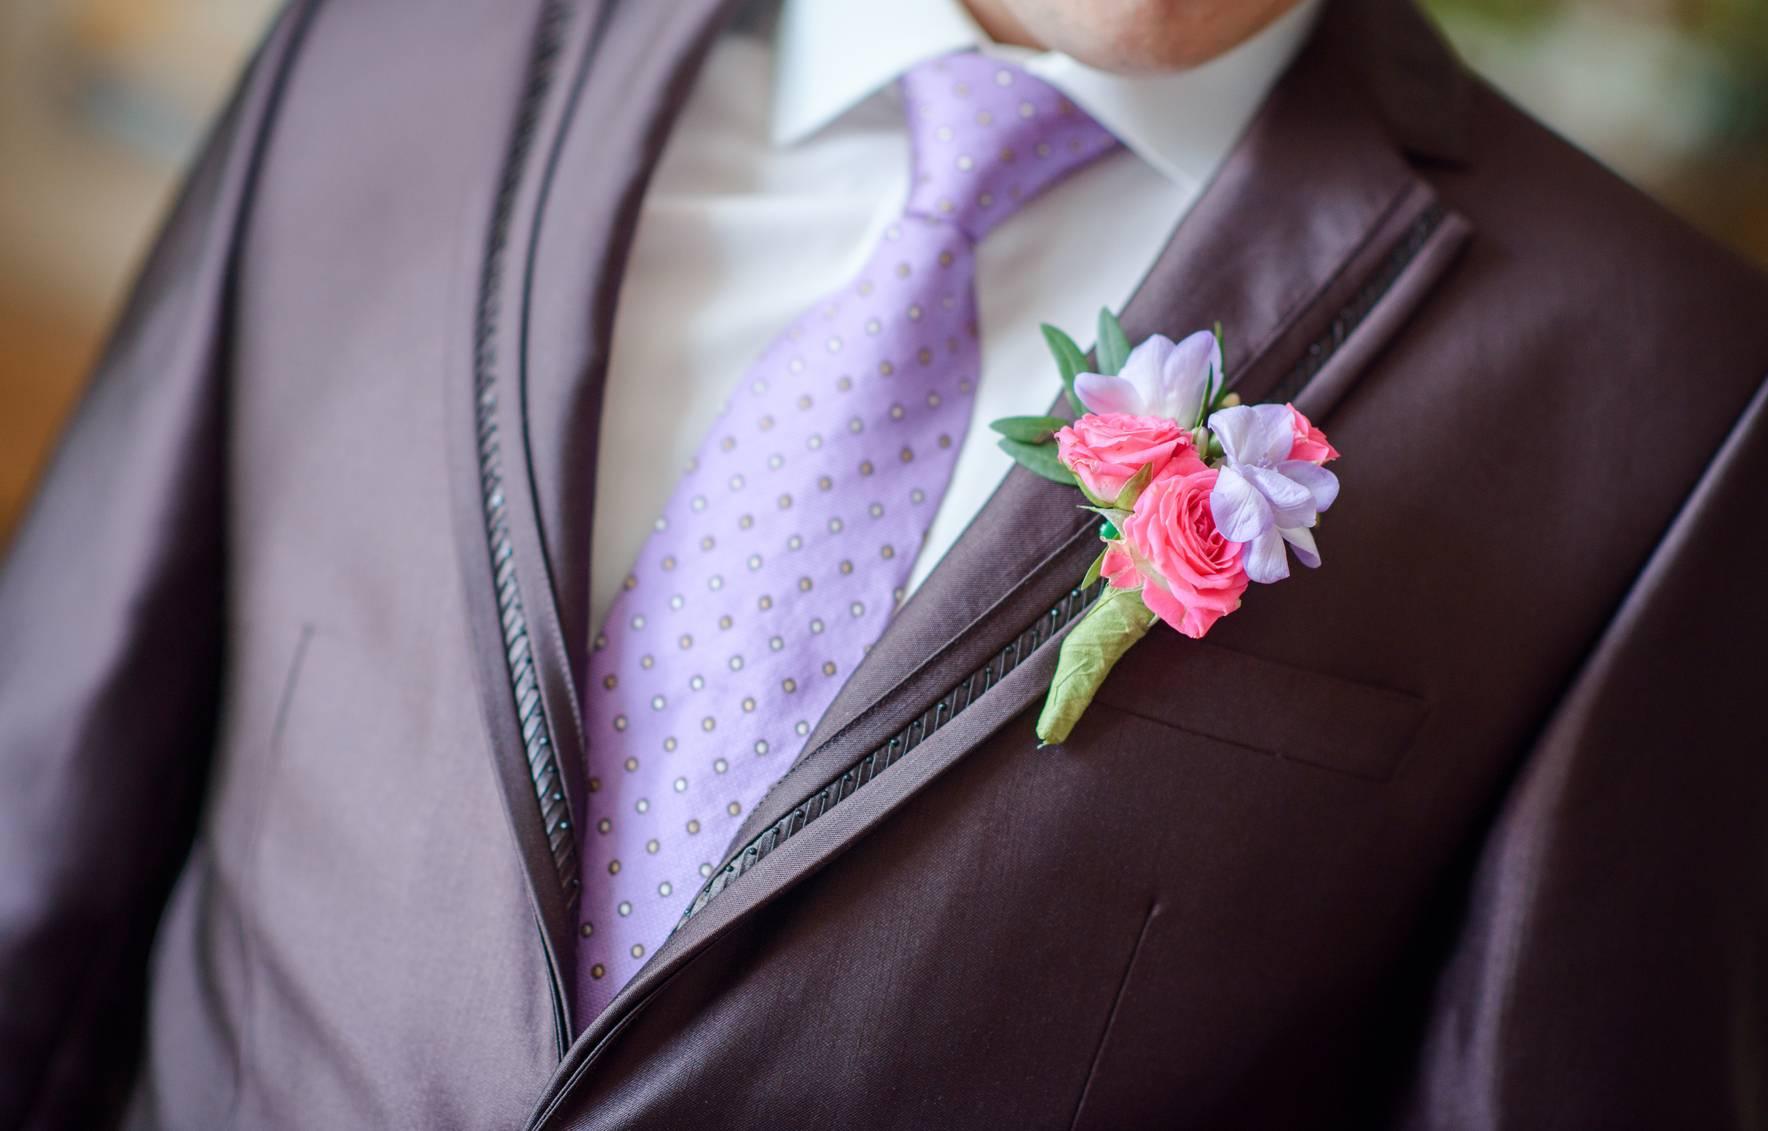 Образ жениха на свадьбе: как одеться стильно и со вкусом